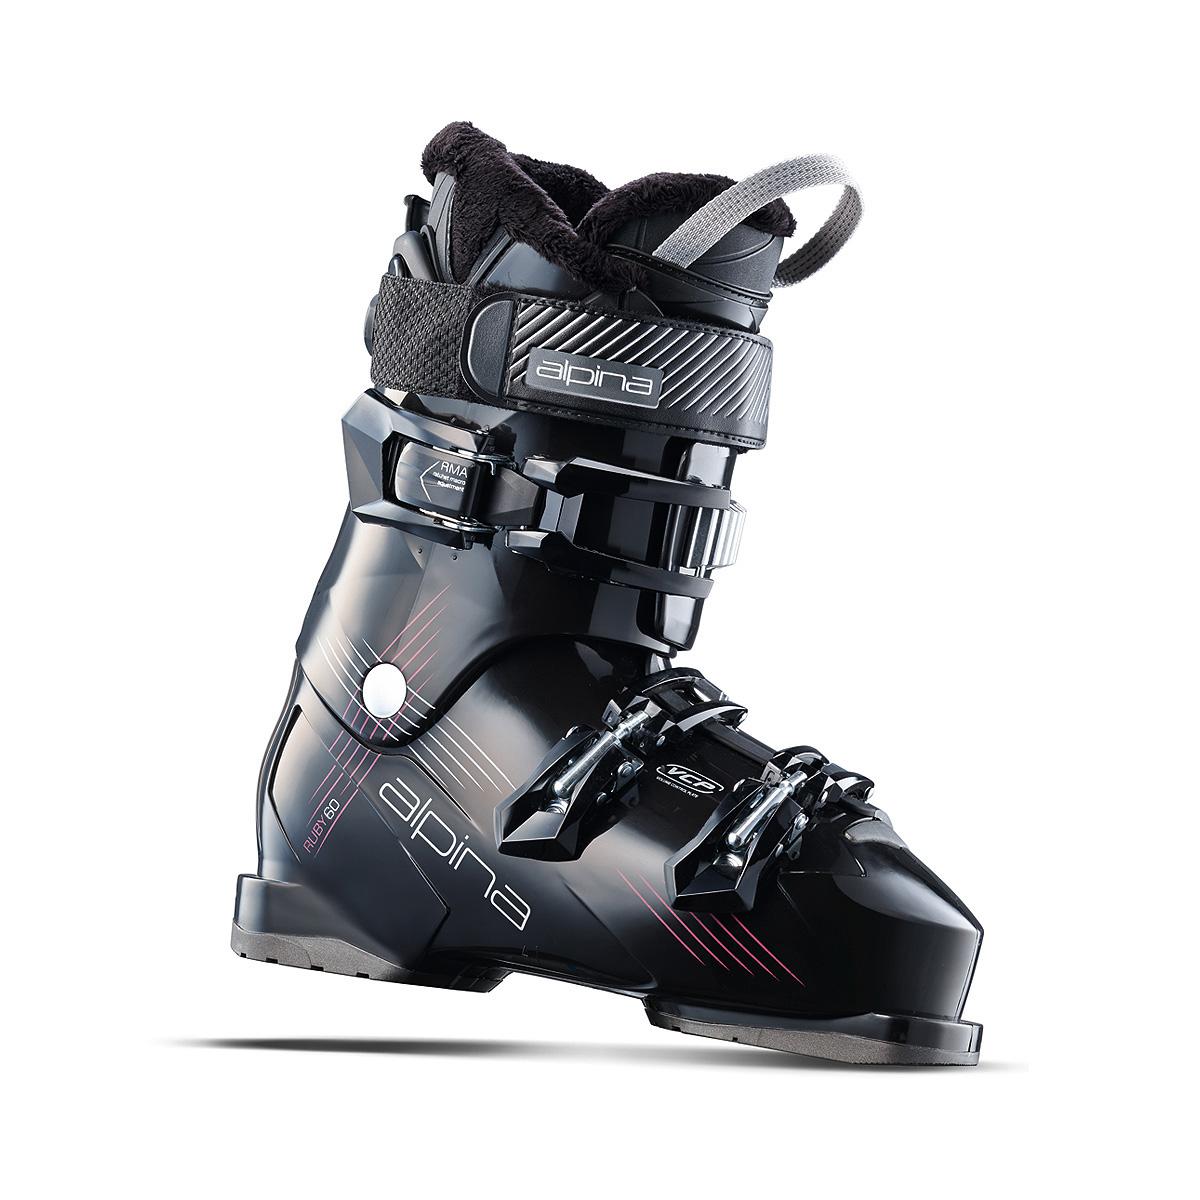 Горнолыжные ботинки Alpina 2017-18 RUBY 60, Горнолыжные ботинки - арт. 1009990423